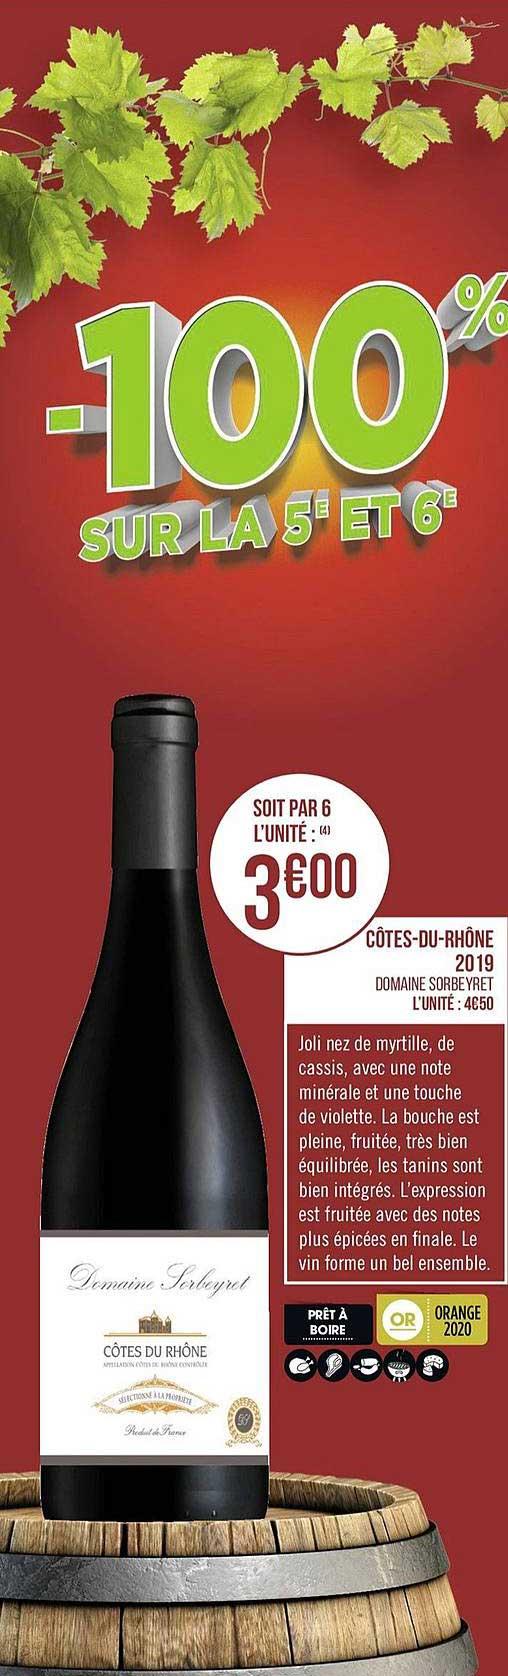 Casino Supermarchés Côtes Du Rhône 2019 Domaine Sorbeyret -100% Sur La 5e Et 6e